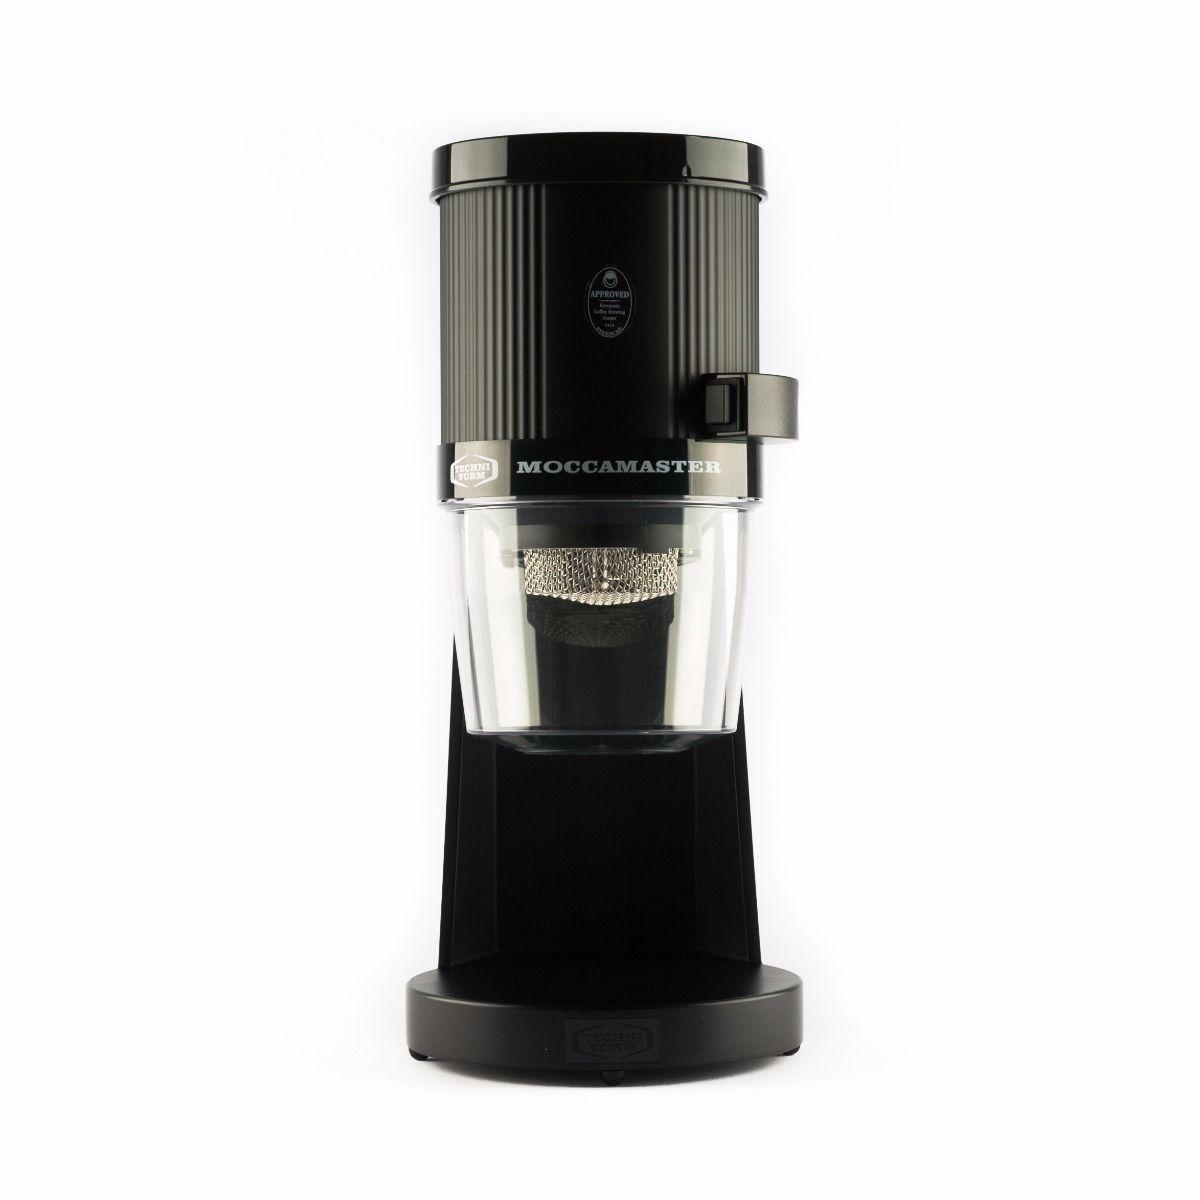 Technivorm Moccamaster KM4 Tabletop Coffee Grinder Matte Black - 49314